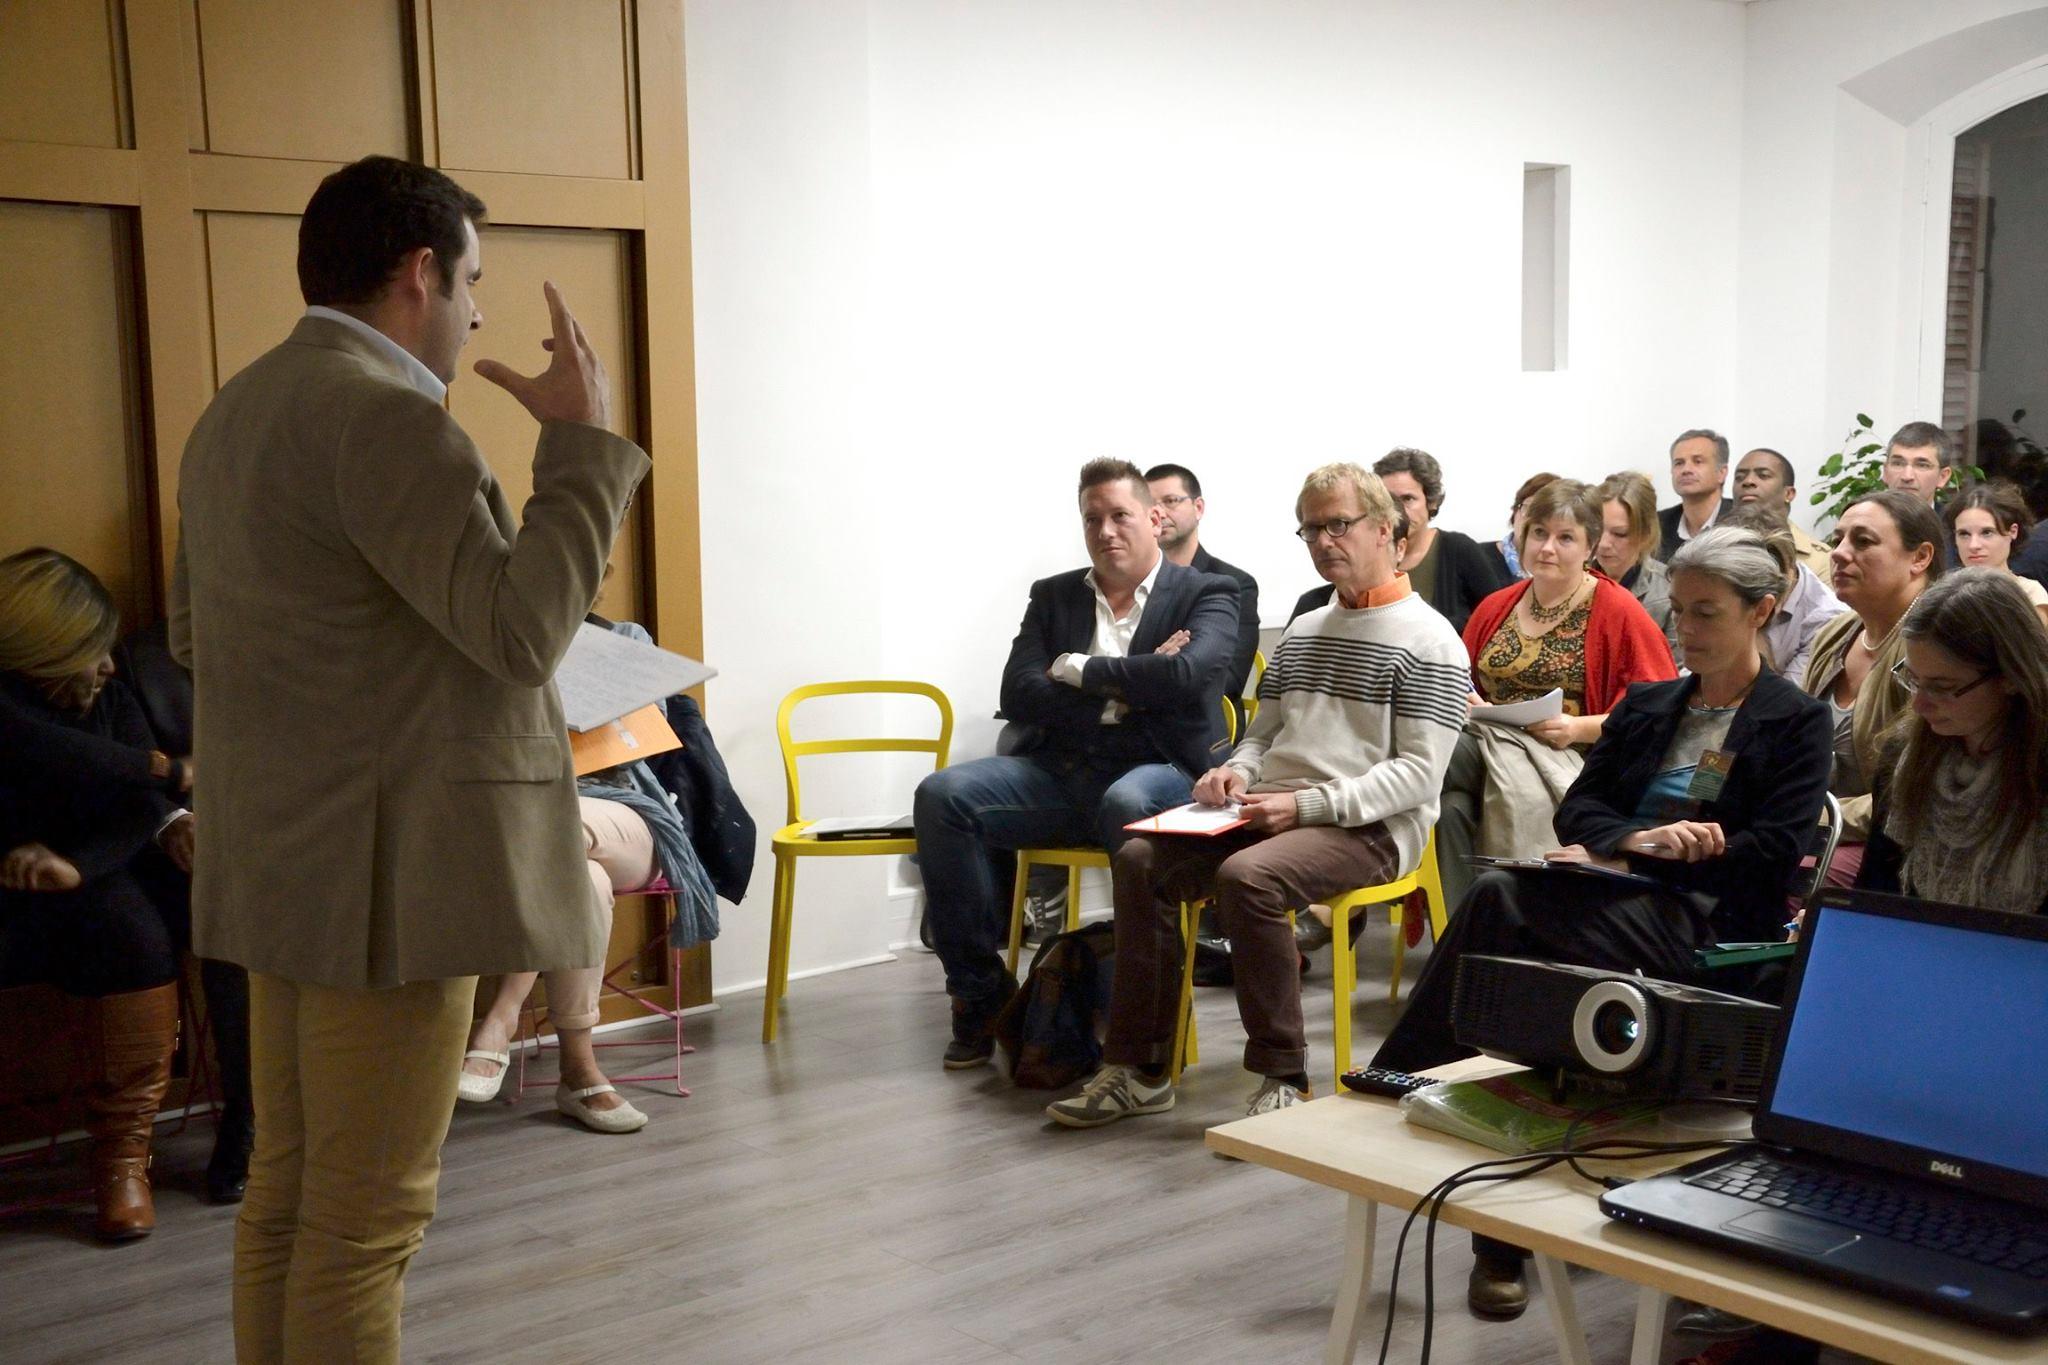 Le réseau speed-meeting pro recherche des orateurs